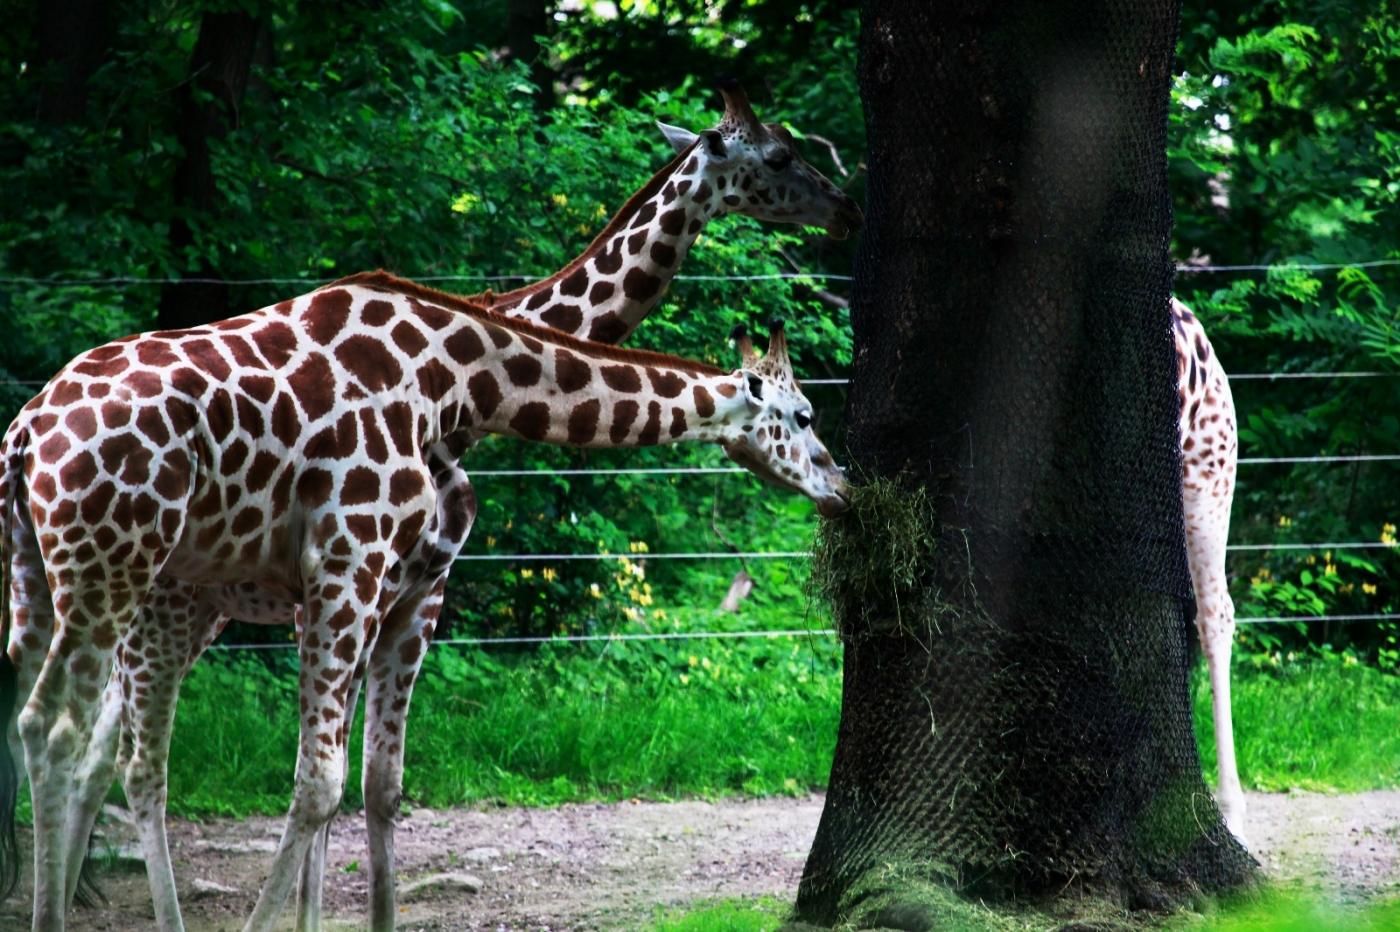 动物园花絮(摄于布朗士动物园,皇后区动物园)_图1-4